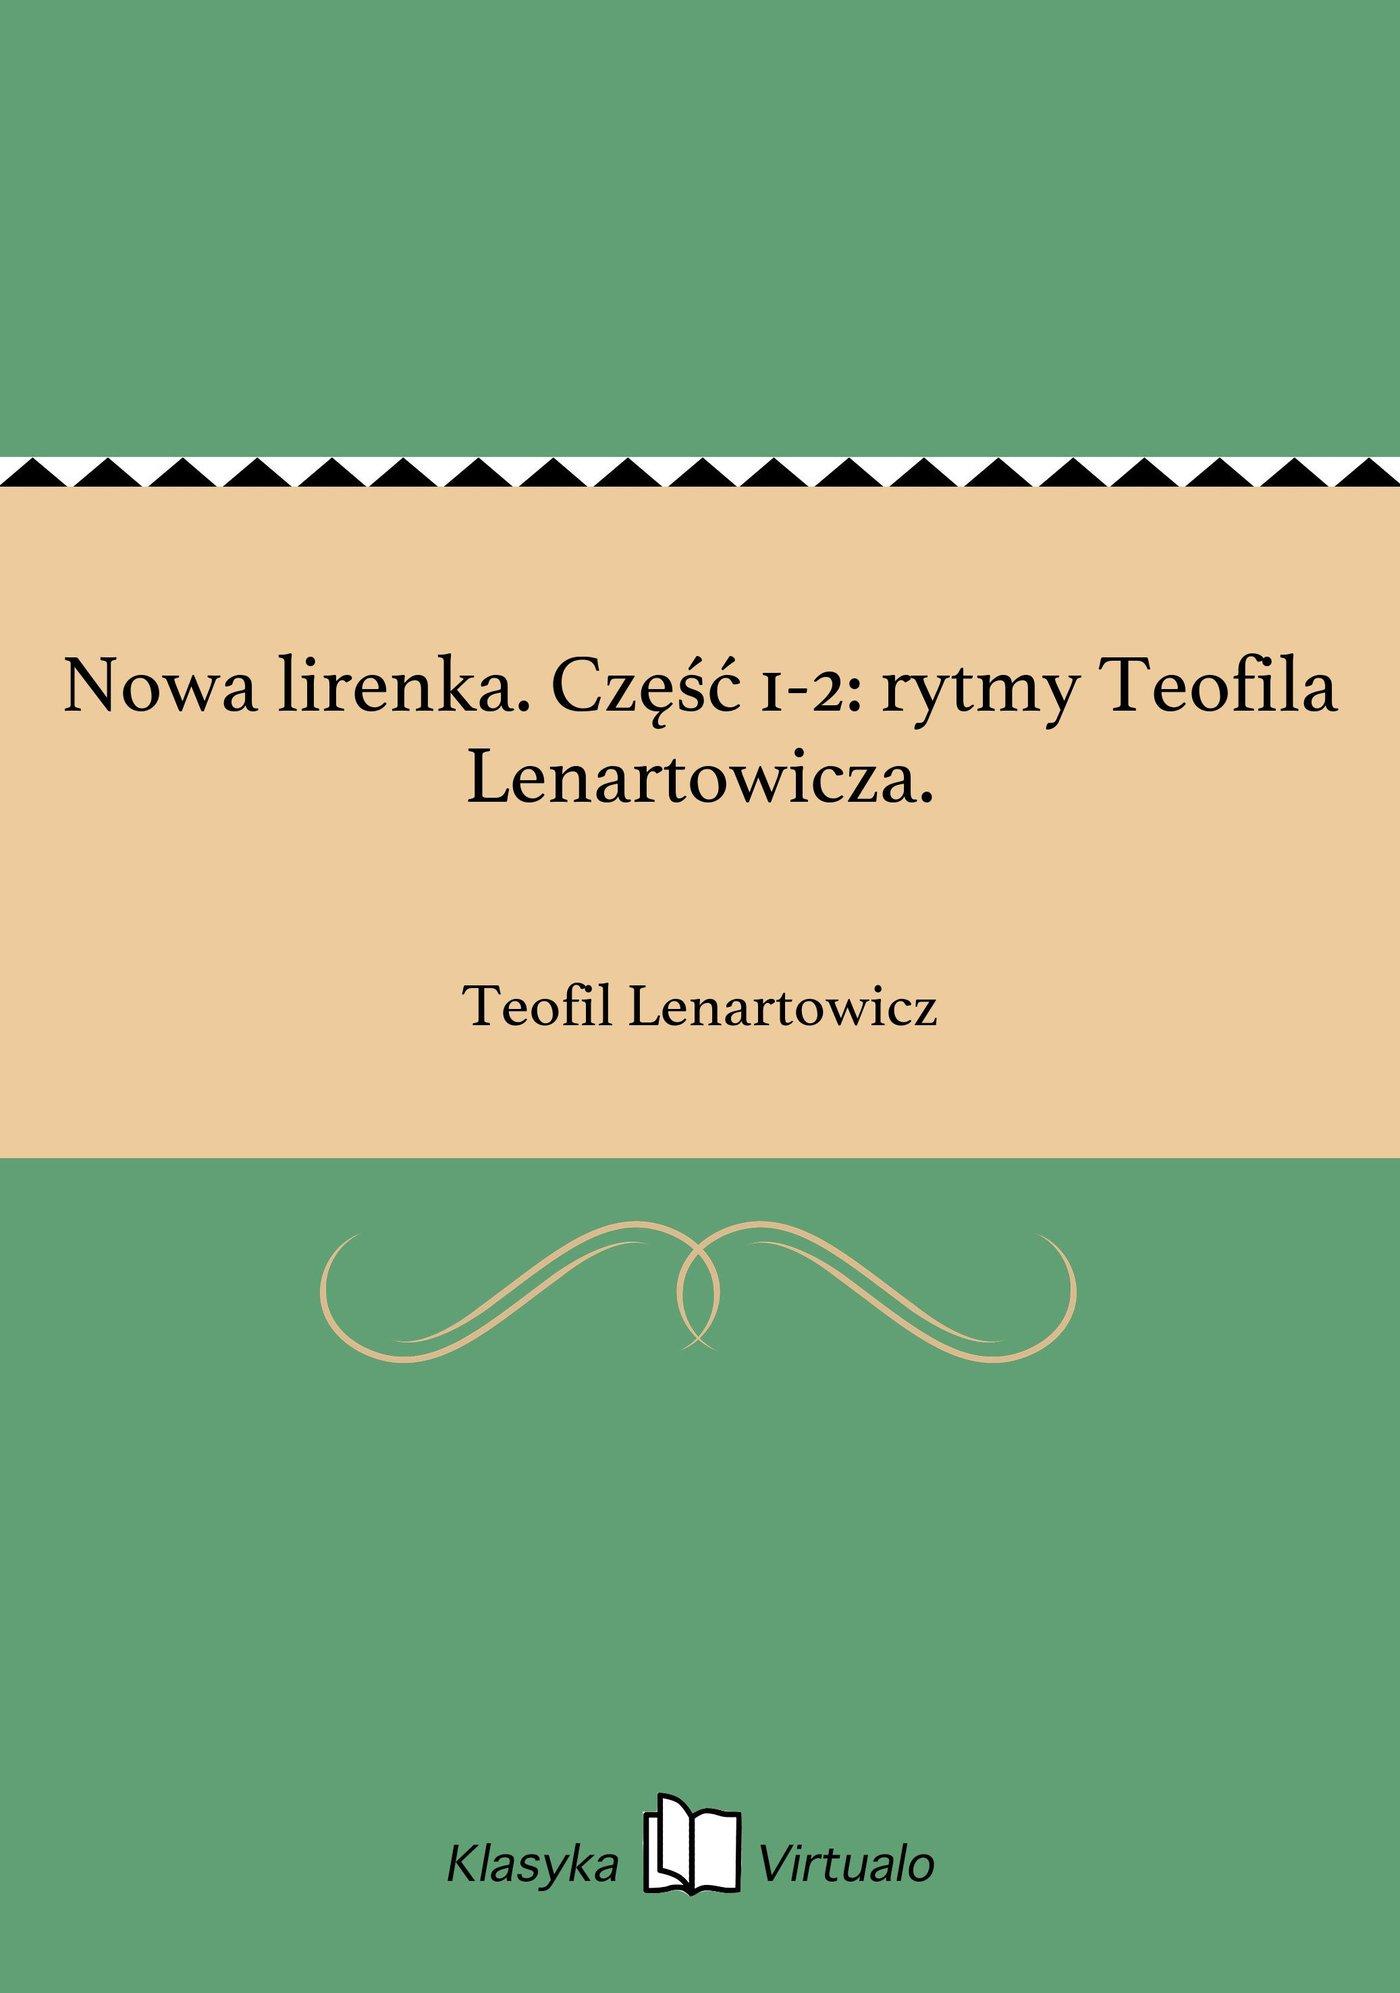 Nowa lirenka. Część 1-2: rytmy Teofila Lenartowicza. - Ebook (Książka EPUB) do pobrania w formacie EPUB